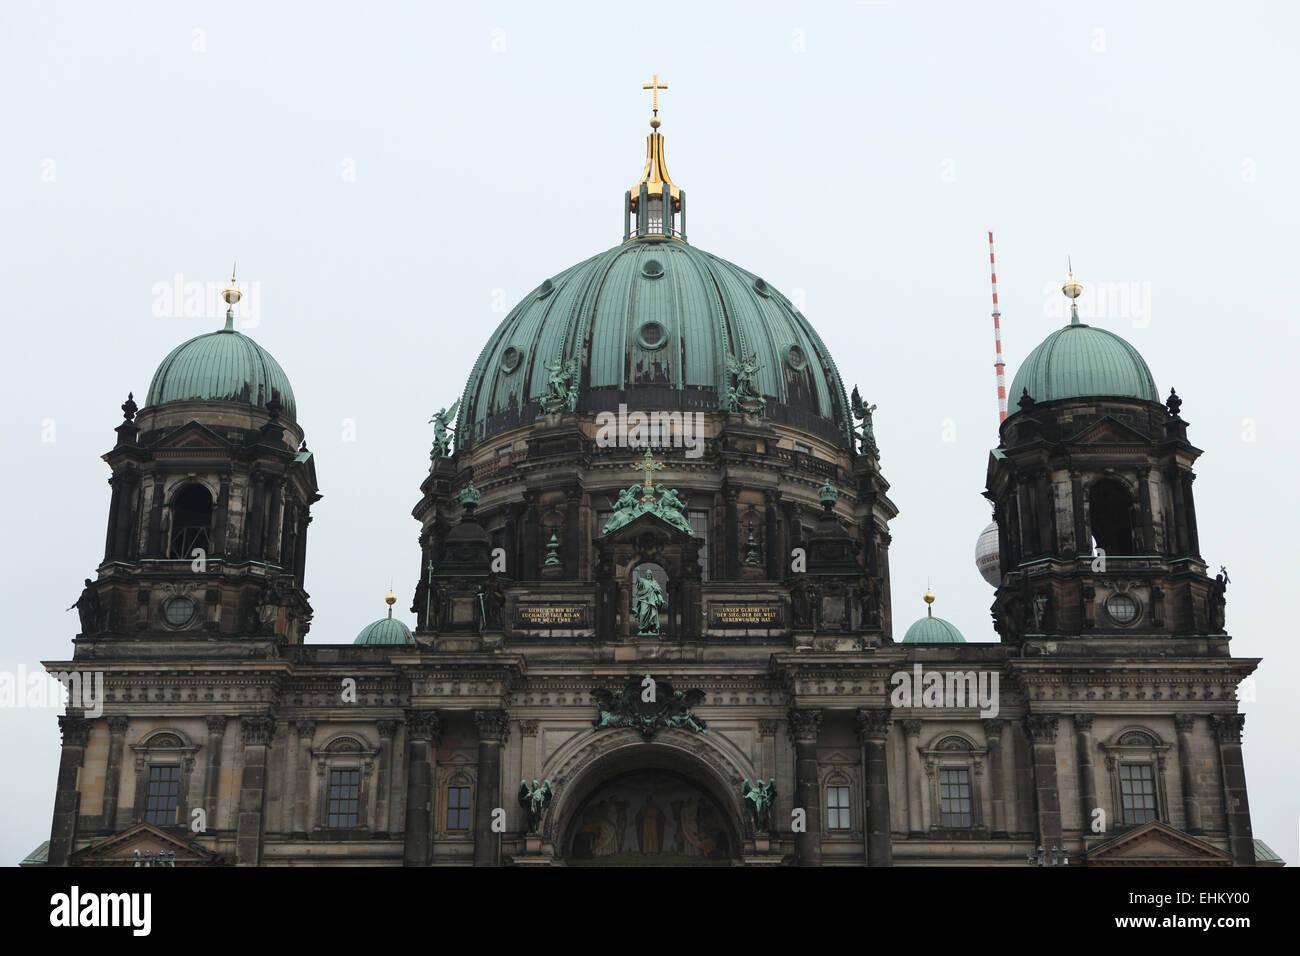 La Catedral de Berlín (Berliner Dom) en la Isla de los museos en Berlín, Alemania. Imagen De Stock